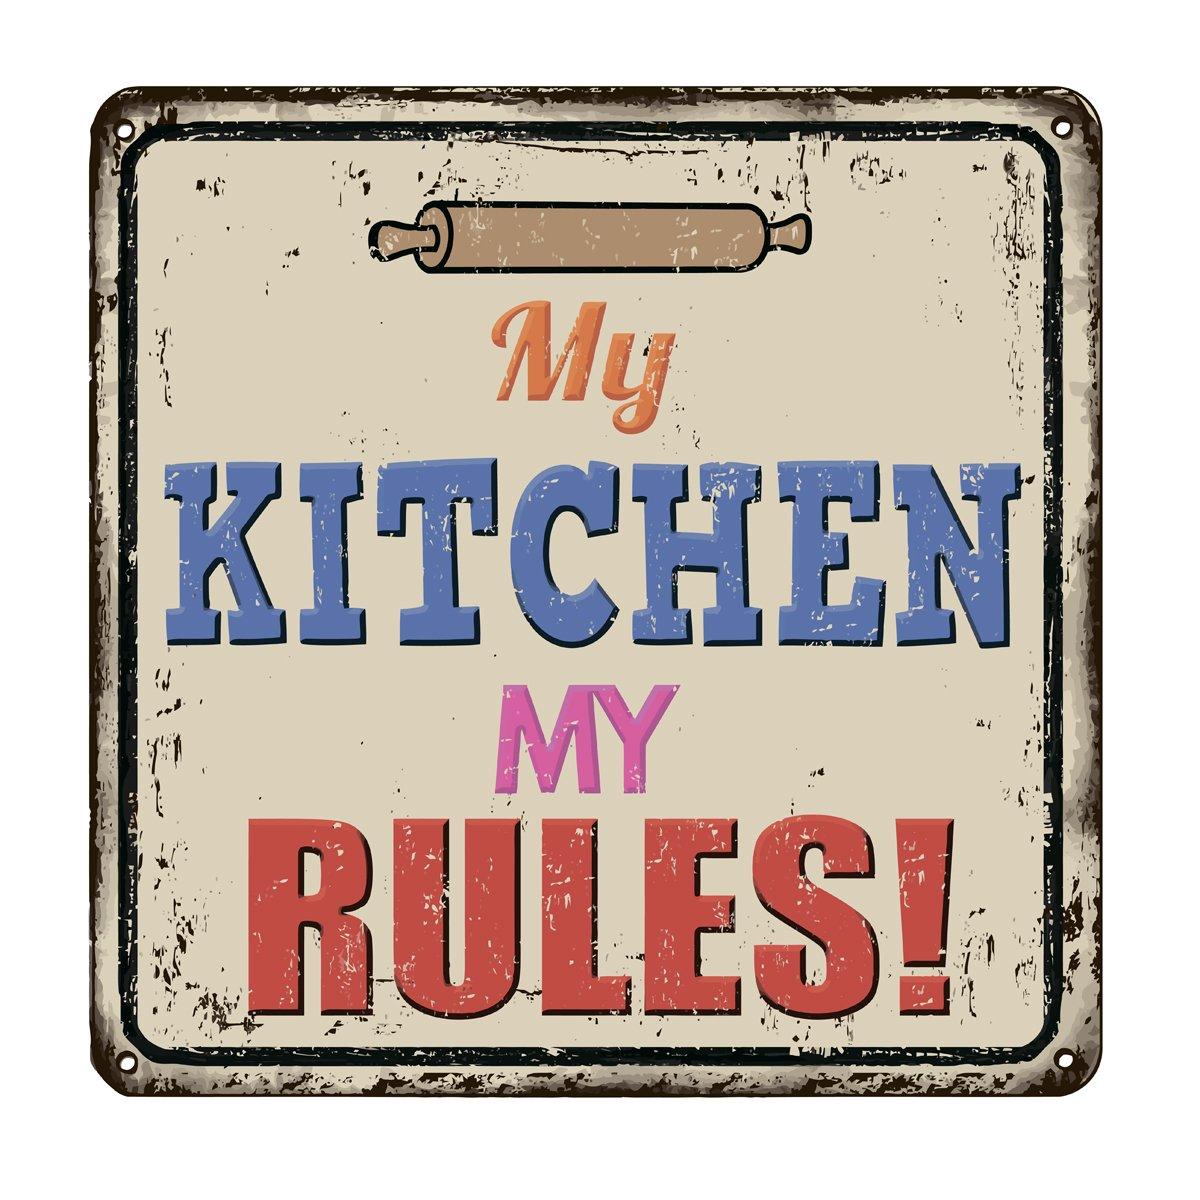 Постер-картина Смешные таблички Моя кухня мои правила старинные металлический знакСмешные таблички<br>Постер на холсте или бумаге. Любого нужного вам размера. В раме или без. Подвес в комплекте. Трехслойная надежная упаковка. Доставим в любую точку России. Вам осталось только повесить картину на стену!<br>